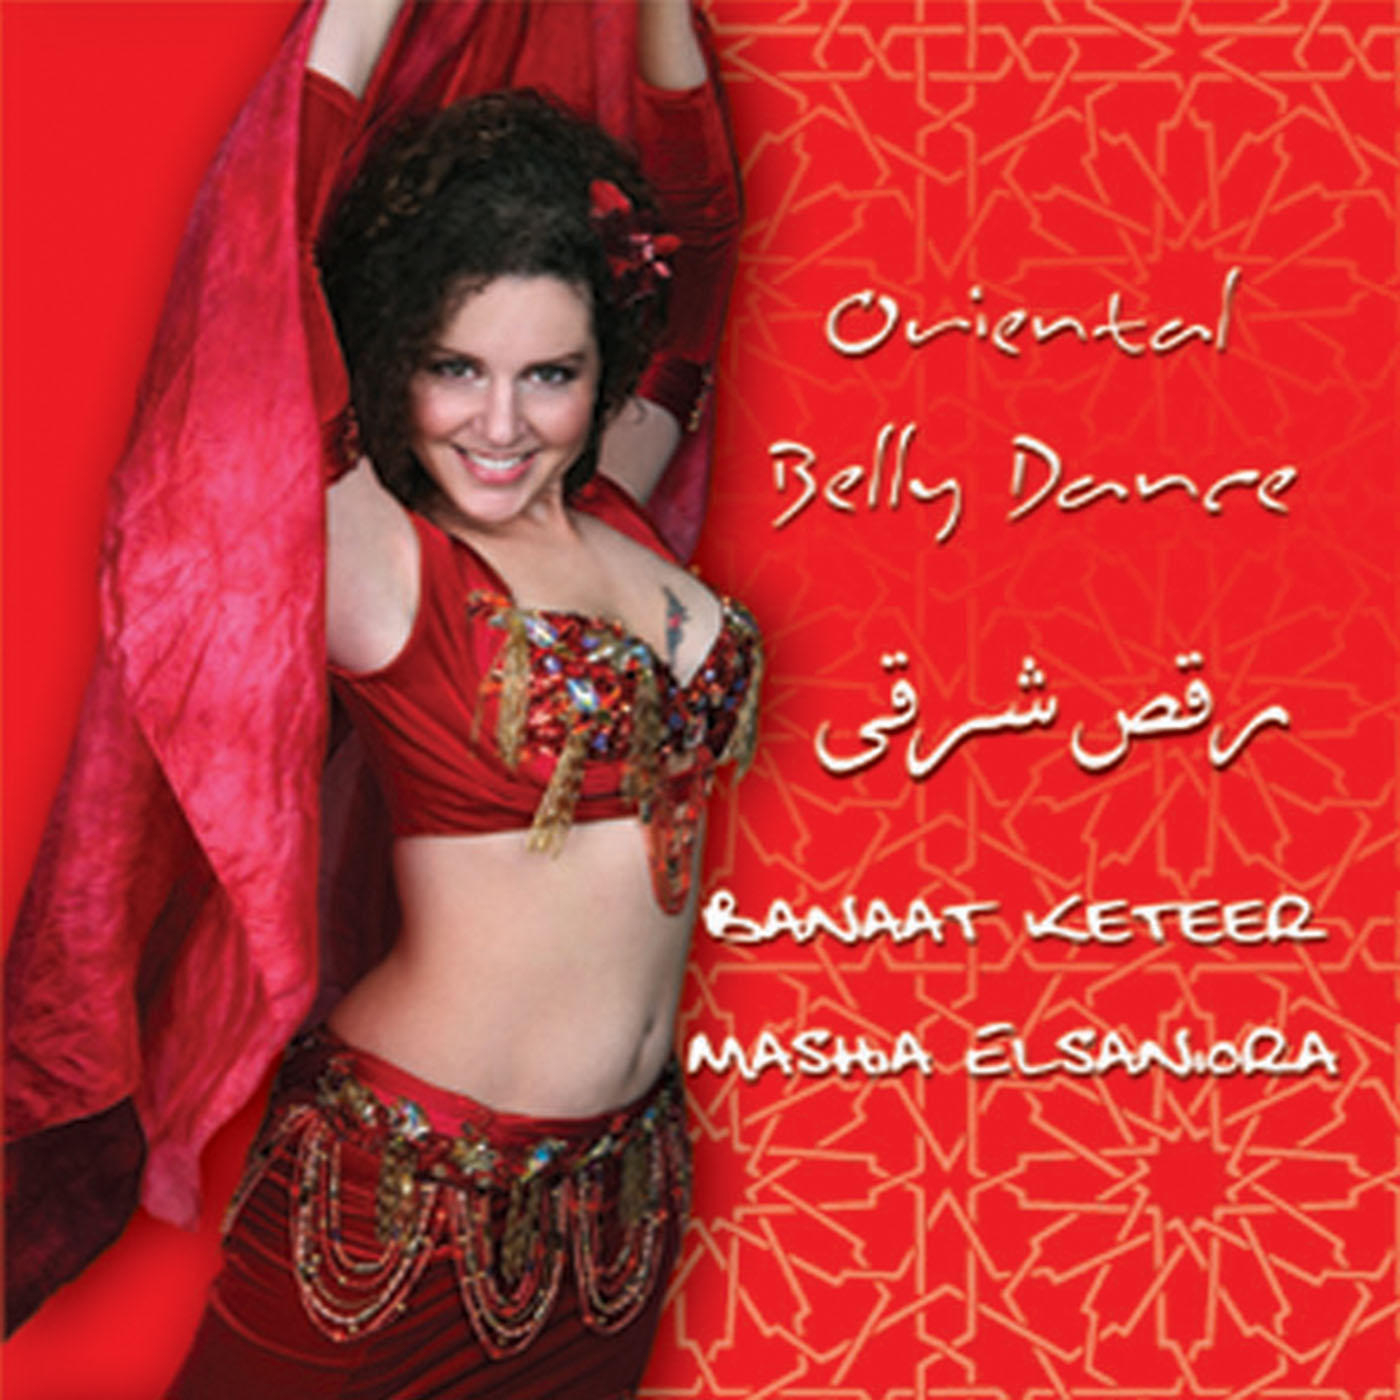 Oriental Belly Dance (Banaat Keteer)/  Hany Shenoda   BUY IT